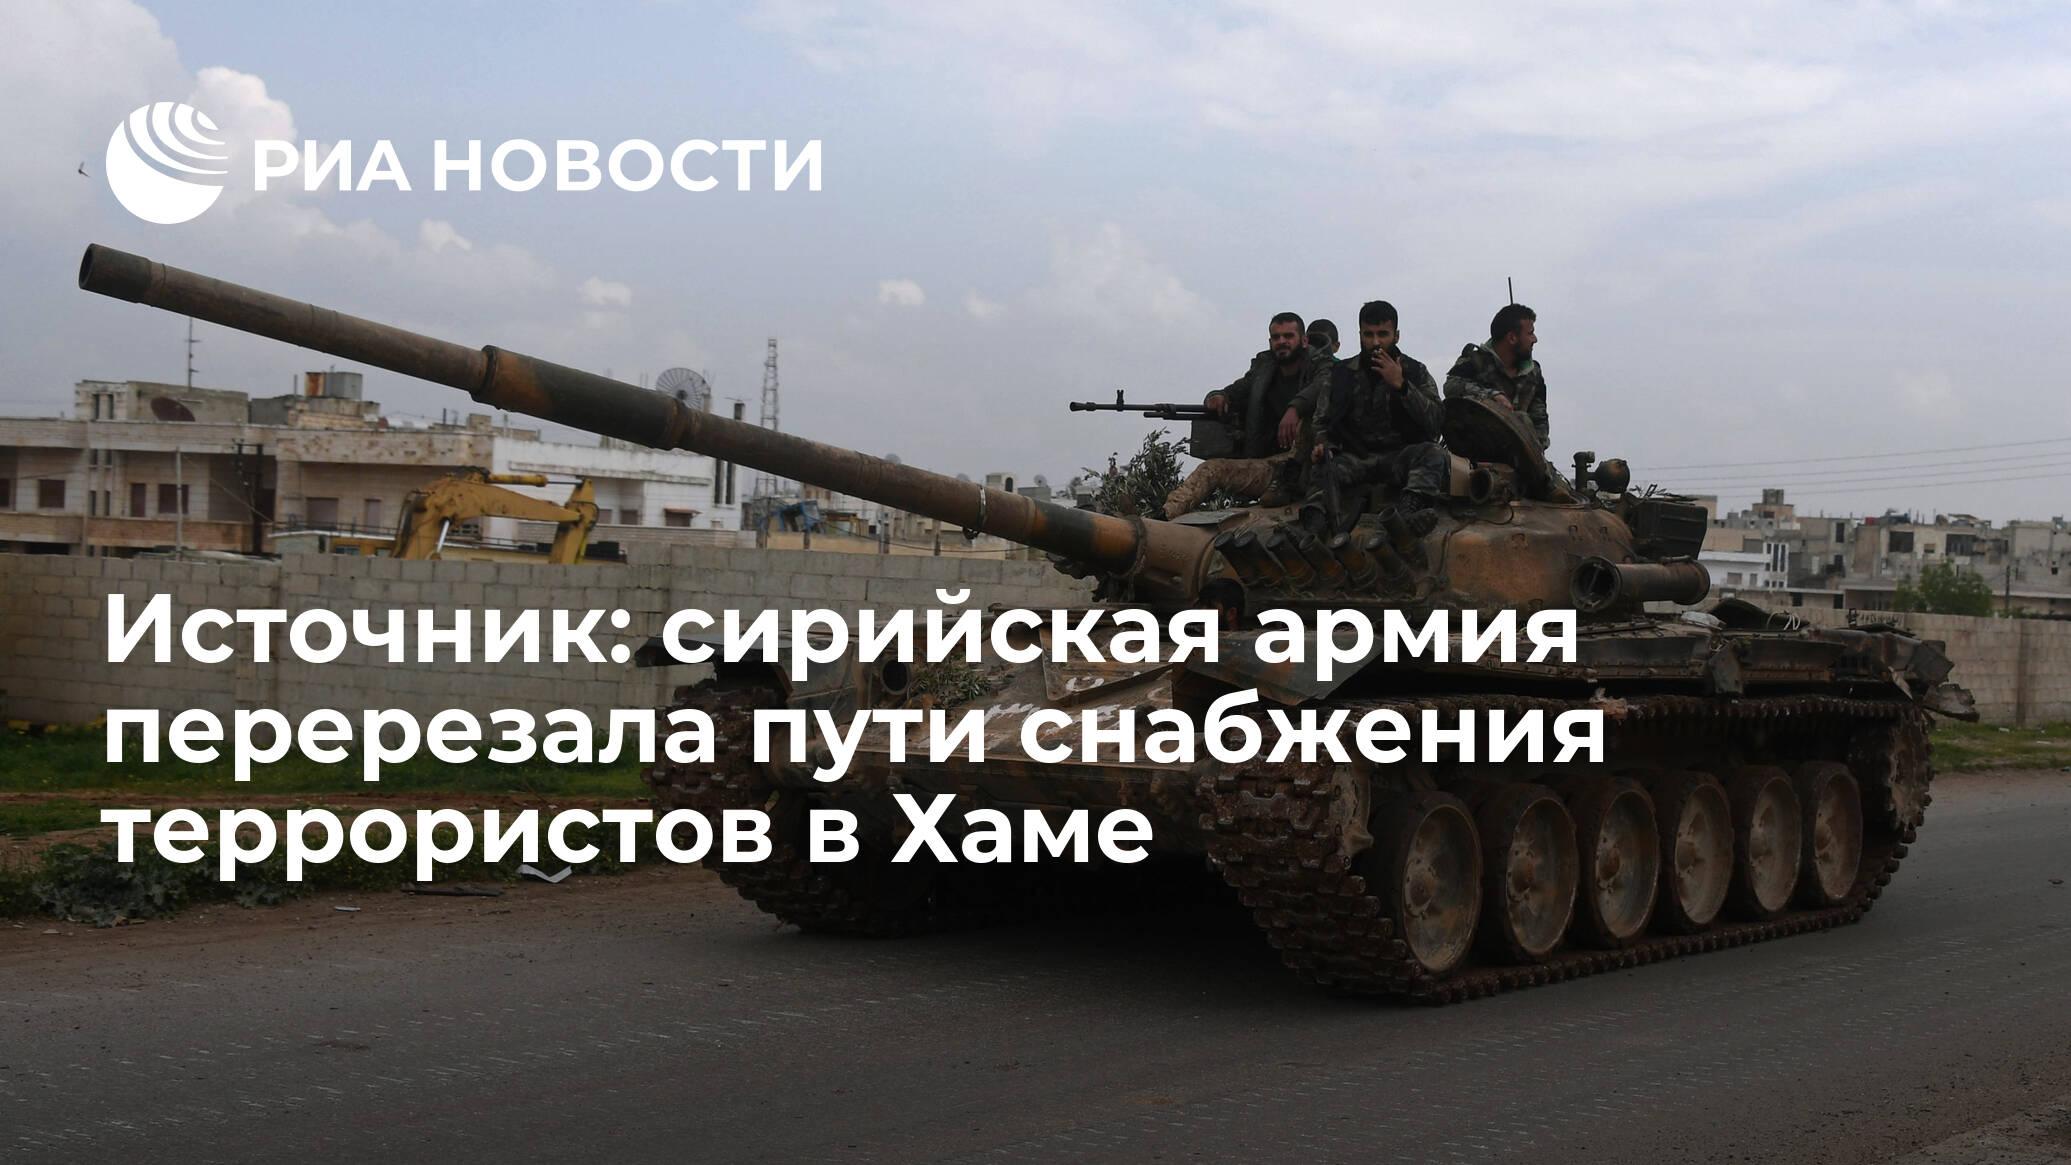 Источник: сирийская армия перерезала пути снабжения ...